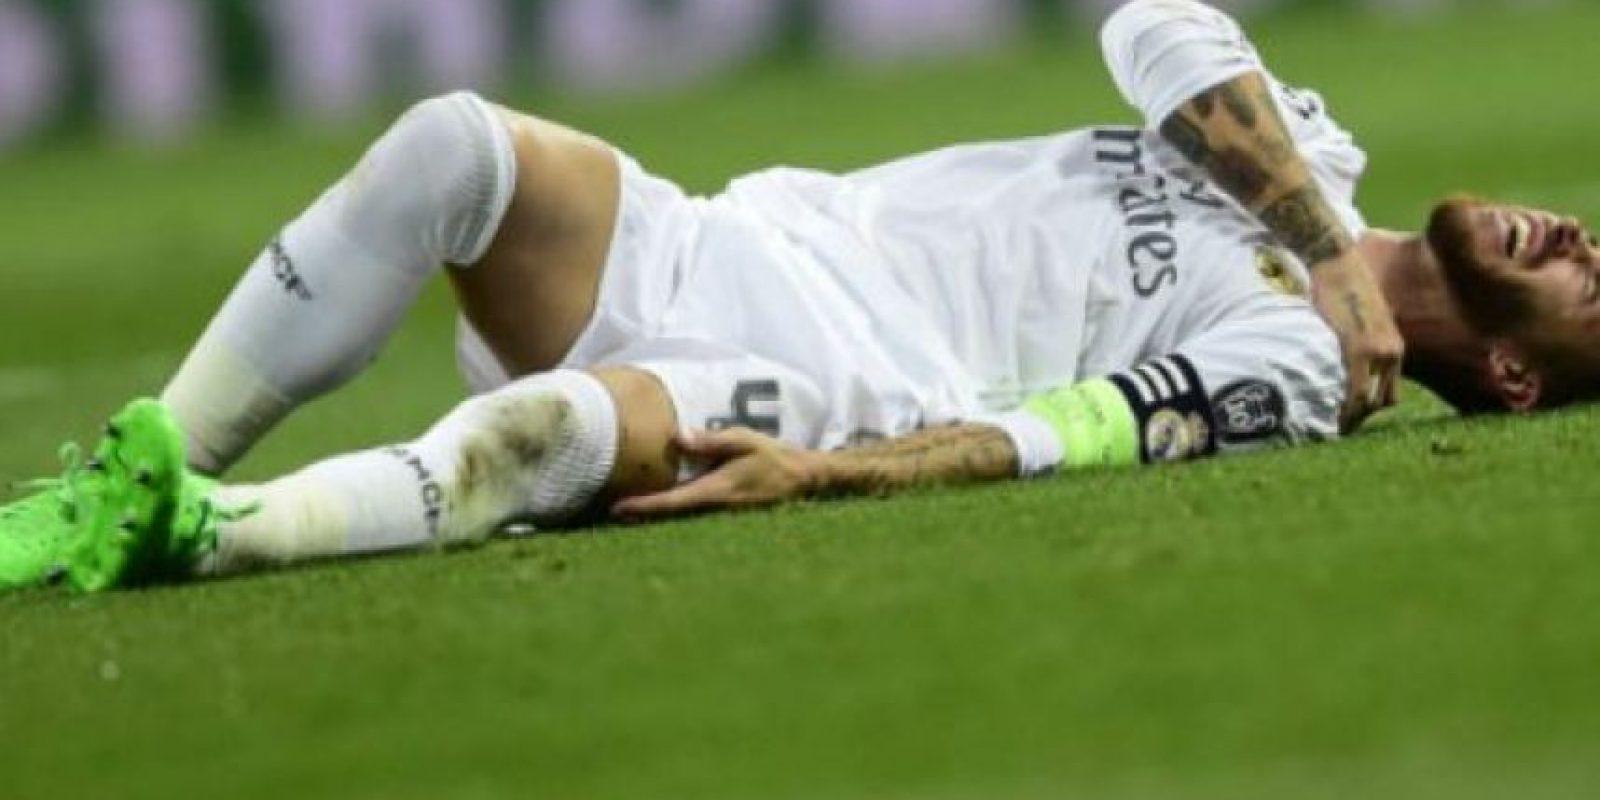 Sufrió una luxación en el hombro izquierdo y estará alejado de las canchas por dos semanas Foto:Getty Images